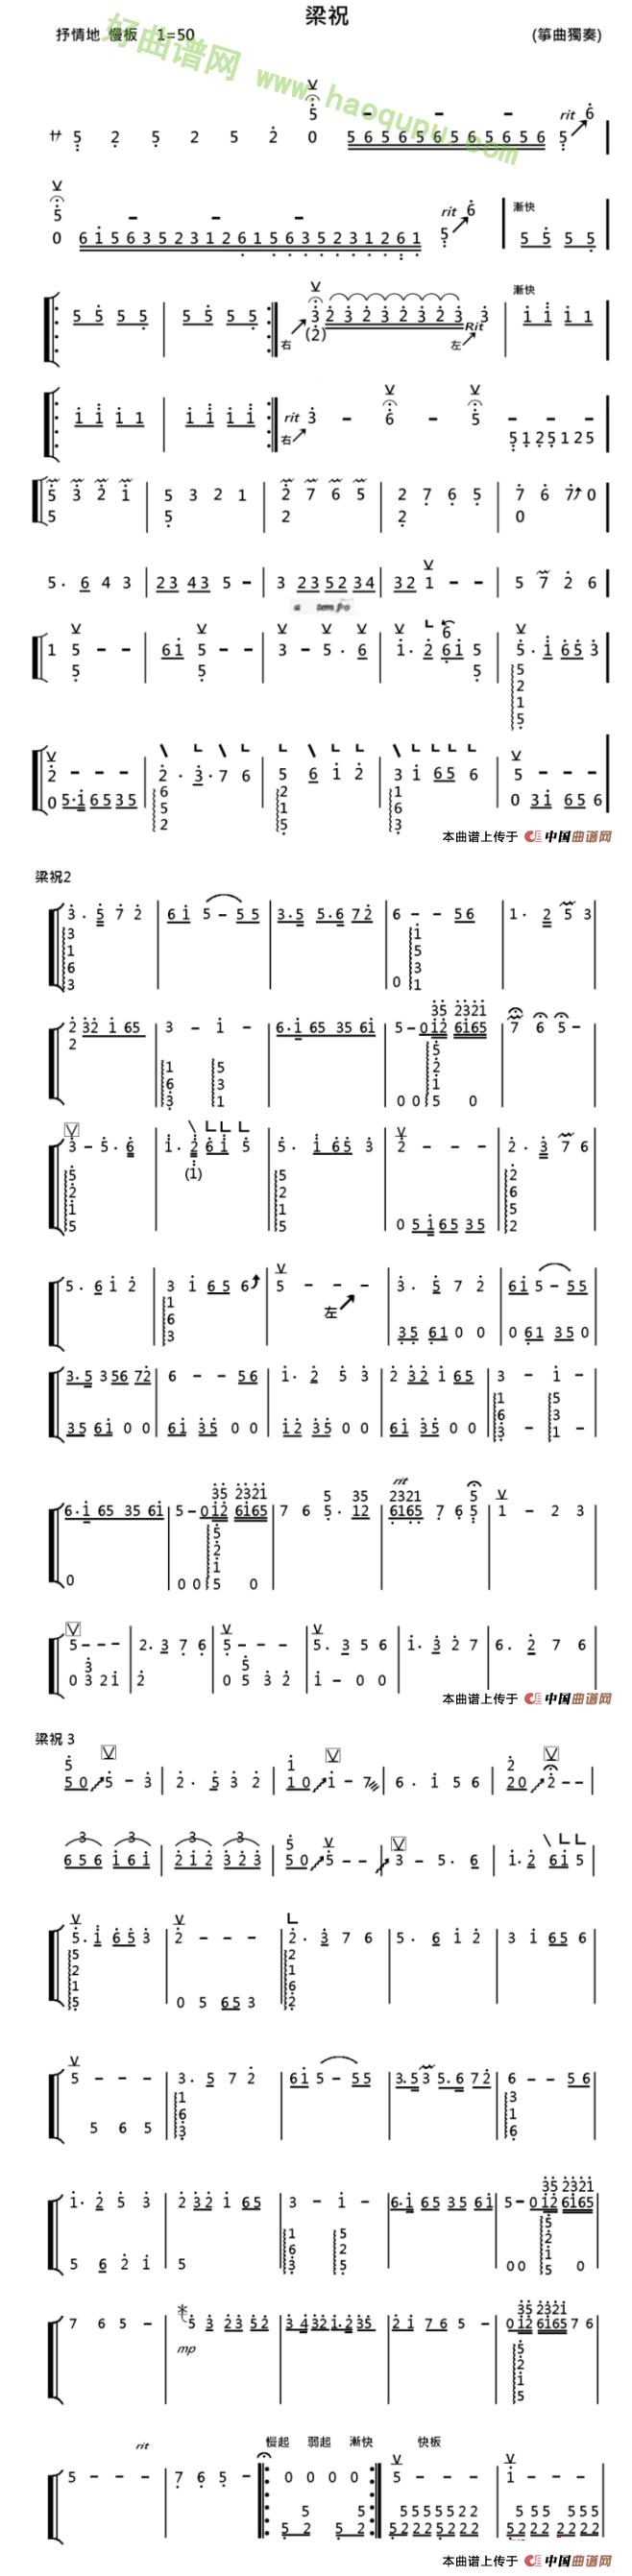 《梁祝》(筝曲独奏版)古筝曲谱第1张